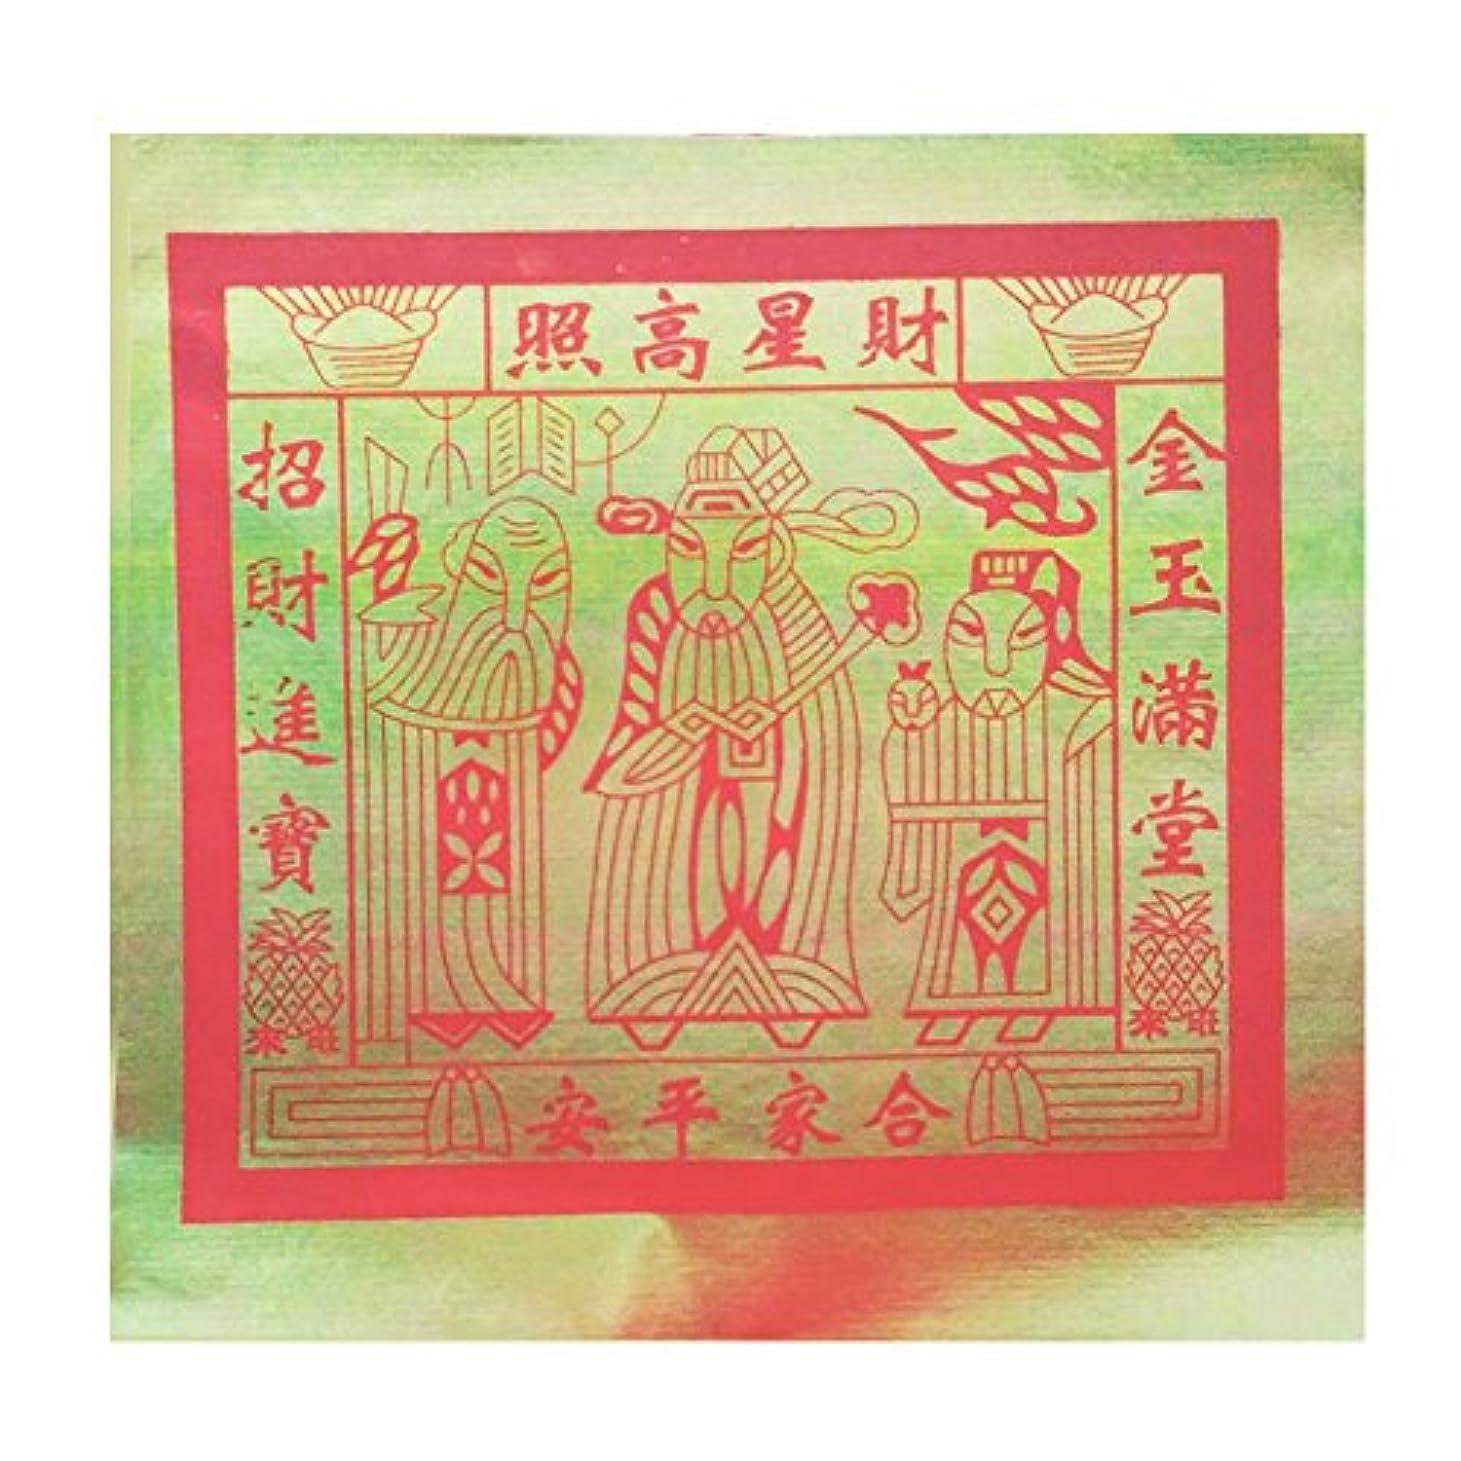 急降下浴円形100個Incense用紙/ Joss用紙with High Gradeフルゴールド箔サイズ中10.75インチx 10.4インチ